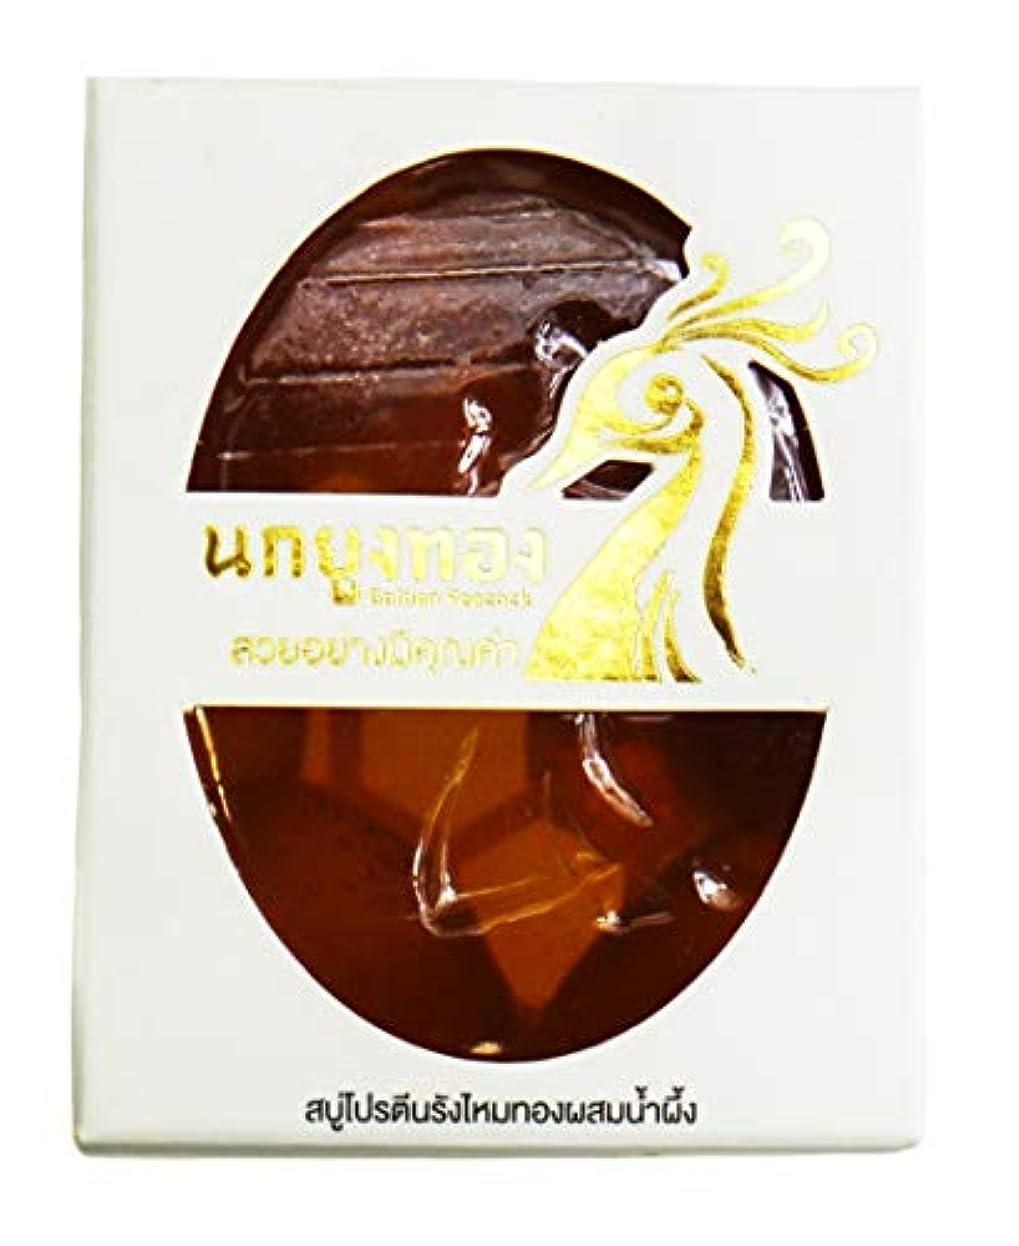 農業放散する消化まゆ玉蜂蜜石鹸 Thai Golden Cocoon Honey Soap 黄金繭玉入蜂蜜石鹸